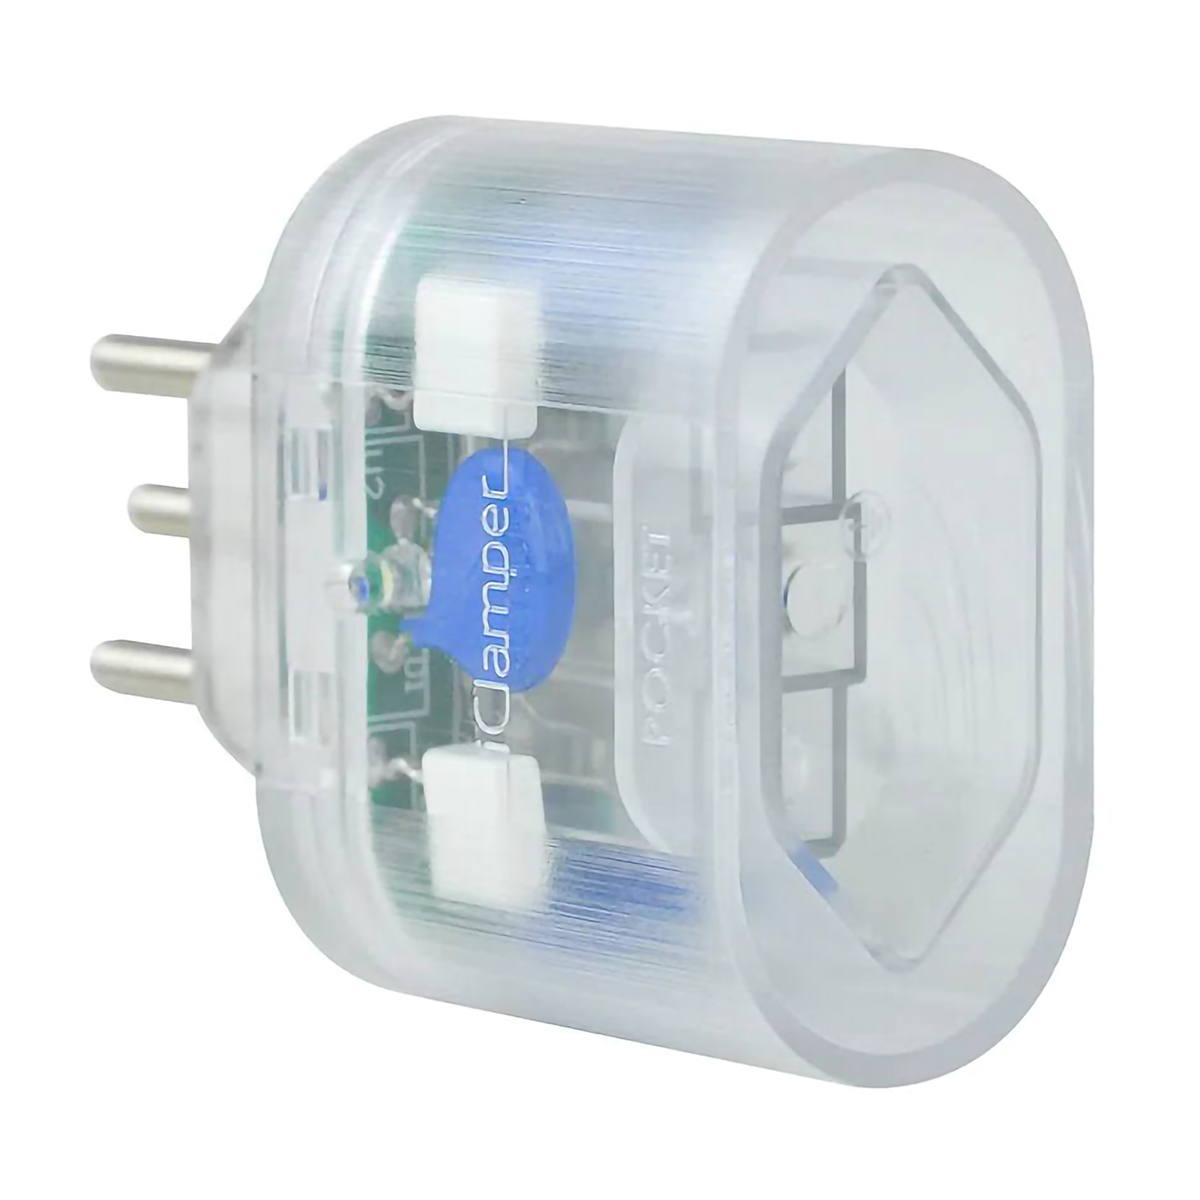 DPS Portátil iClamper Pocket 3 Pinos 10A Proteção contra Surtos Elétricos para Eletroeletrônicos Clamper 3P Transparente